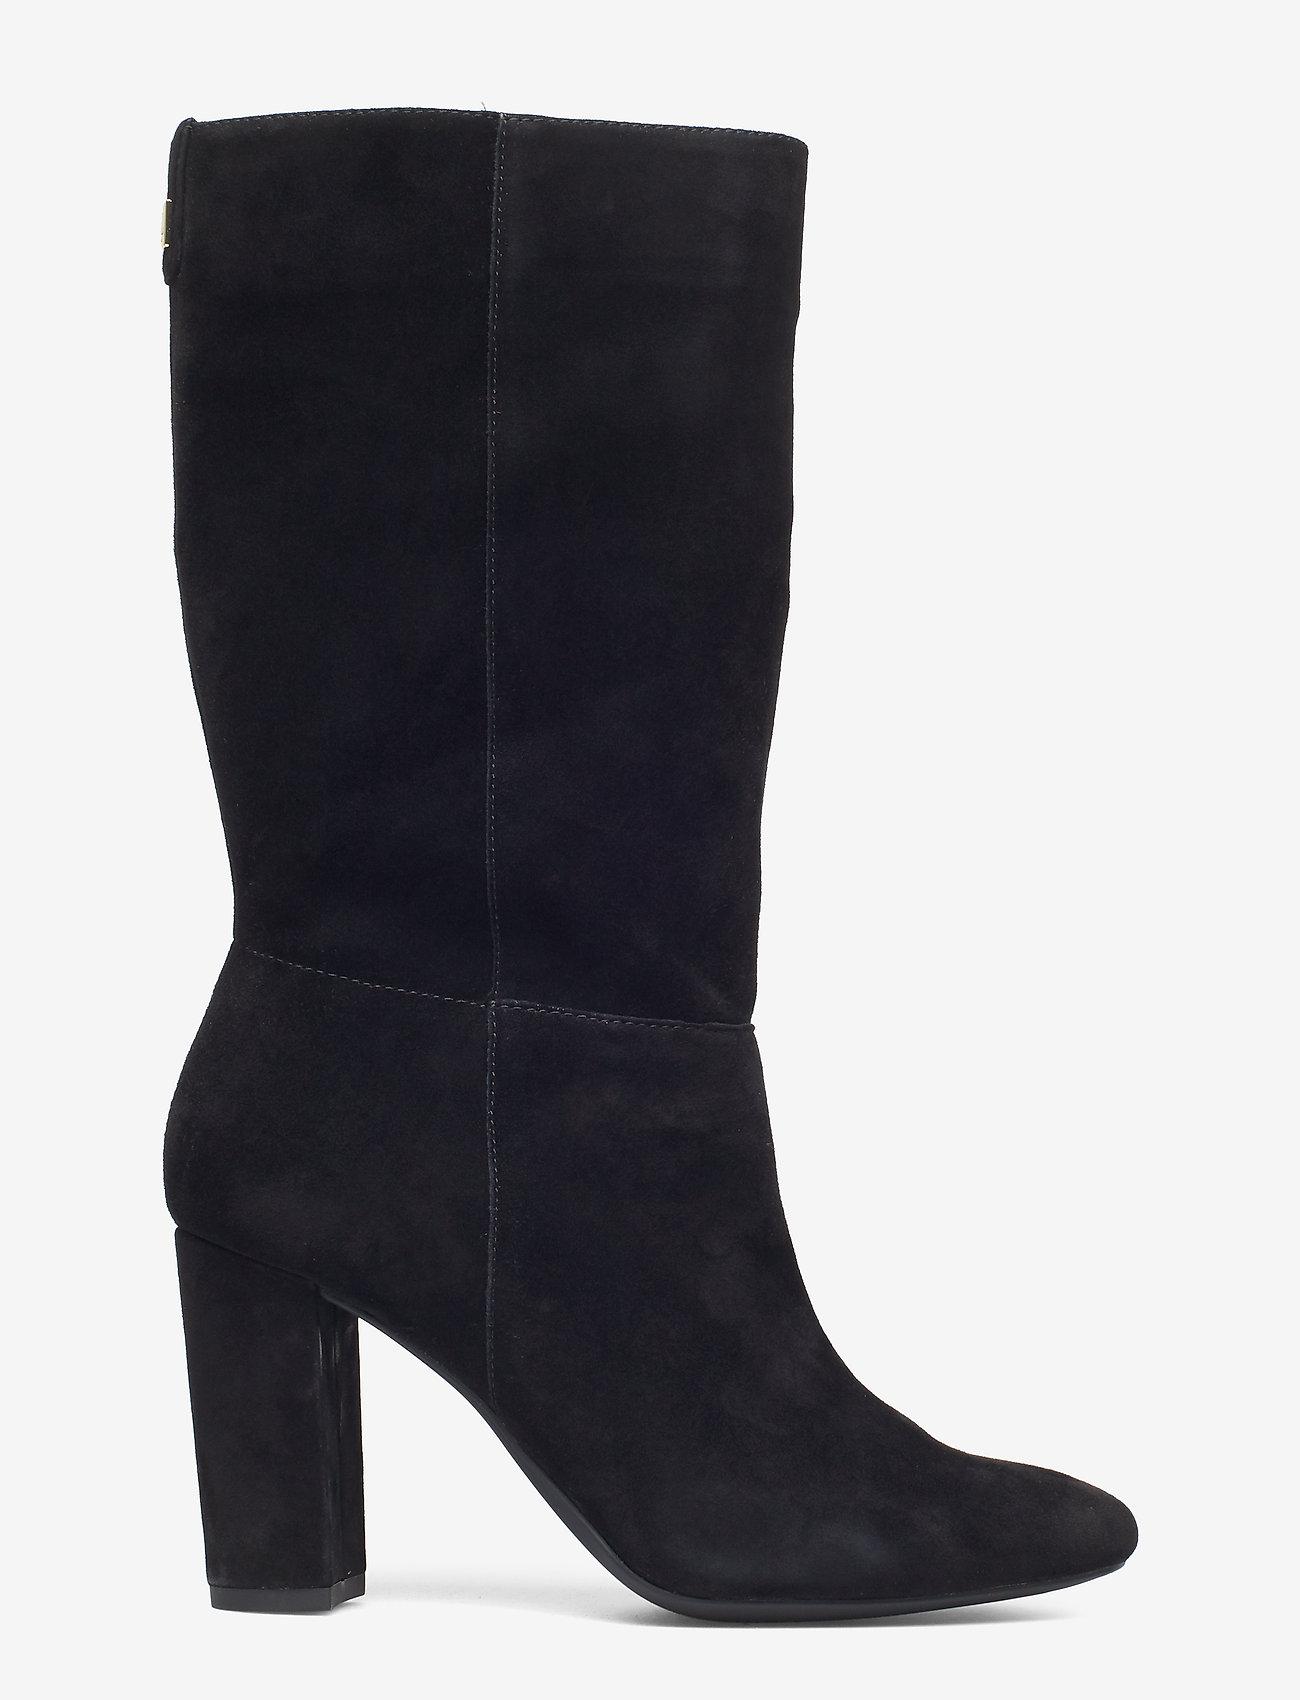 Artizan Suede Boot (Black) - Lauren Ralph Lauren Mgt7CK